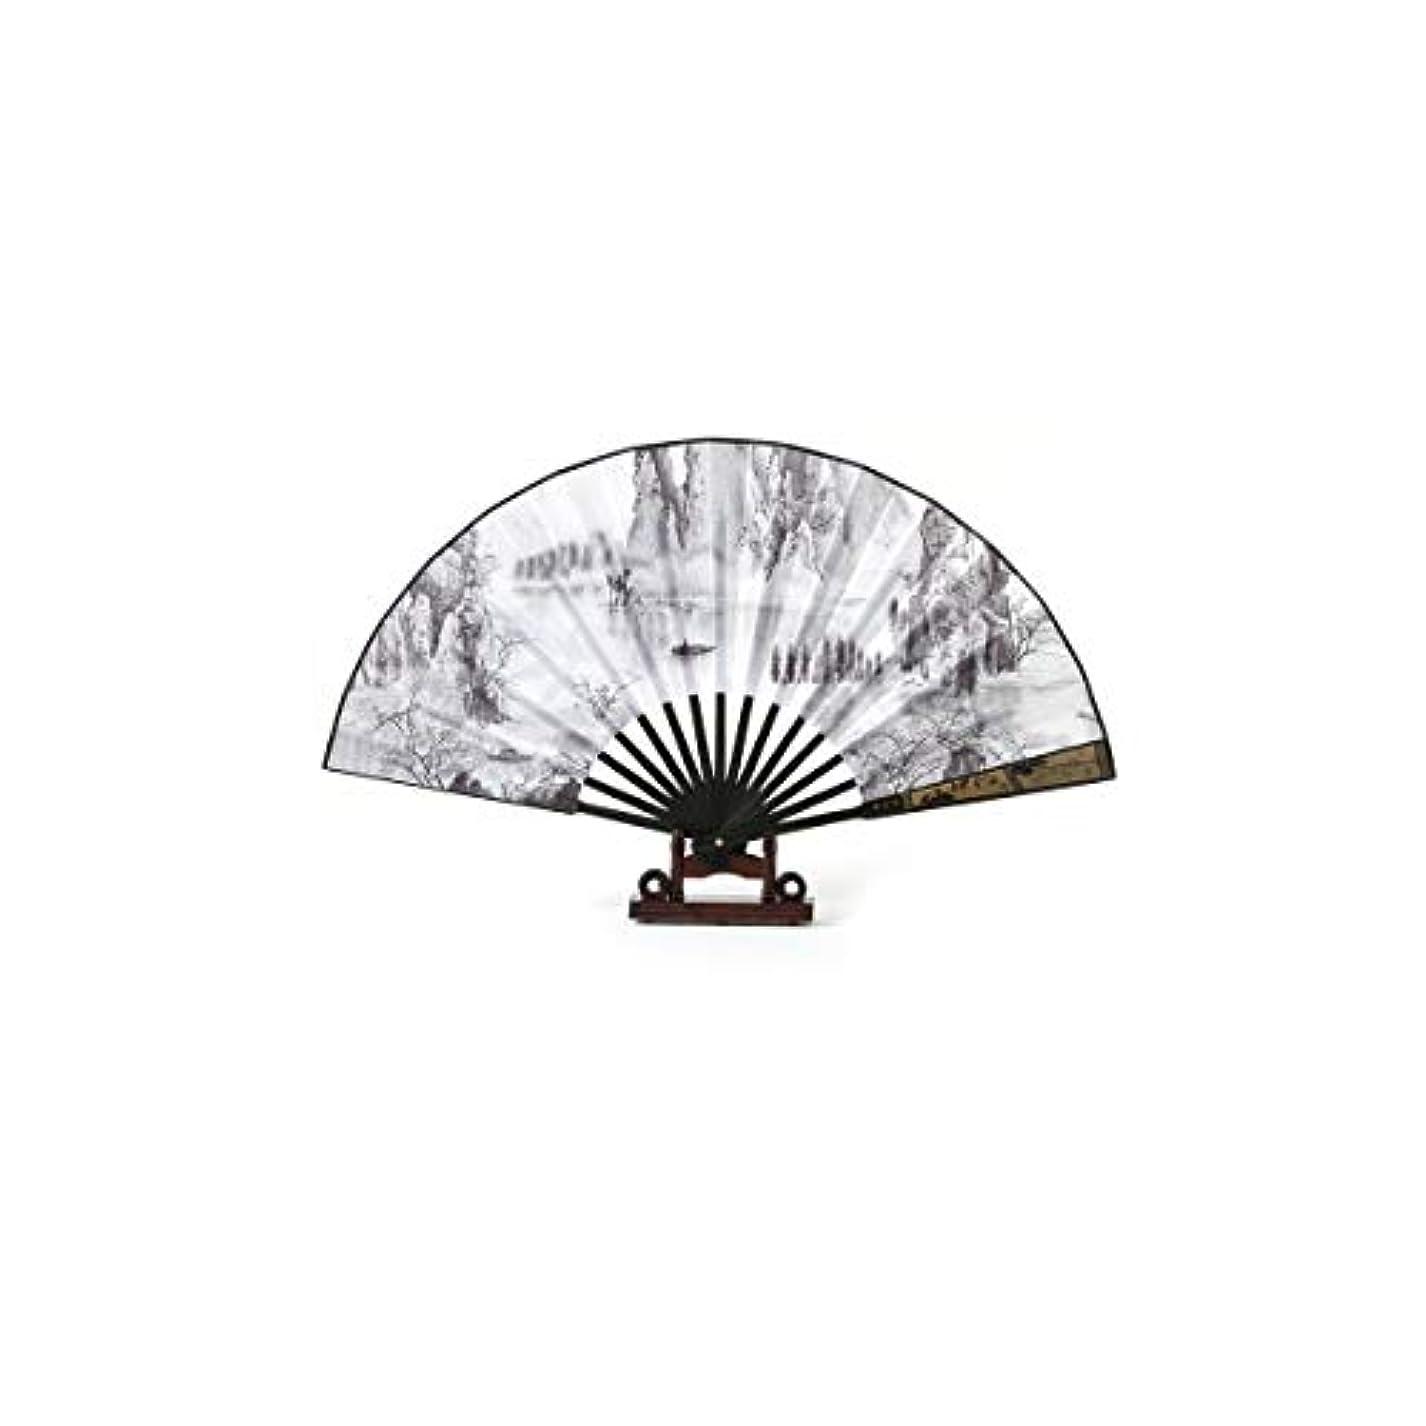 手綱瞑想的人工Hongyushanghang 新清アンティーク扇子、リビングルーム、寝室の装飾、誕生日プレゼント、貴族。,、ジュエリークリエイティブホリデーギフトを掛ける